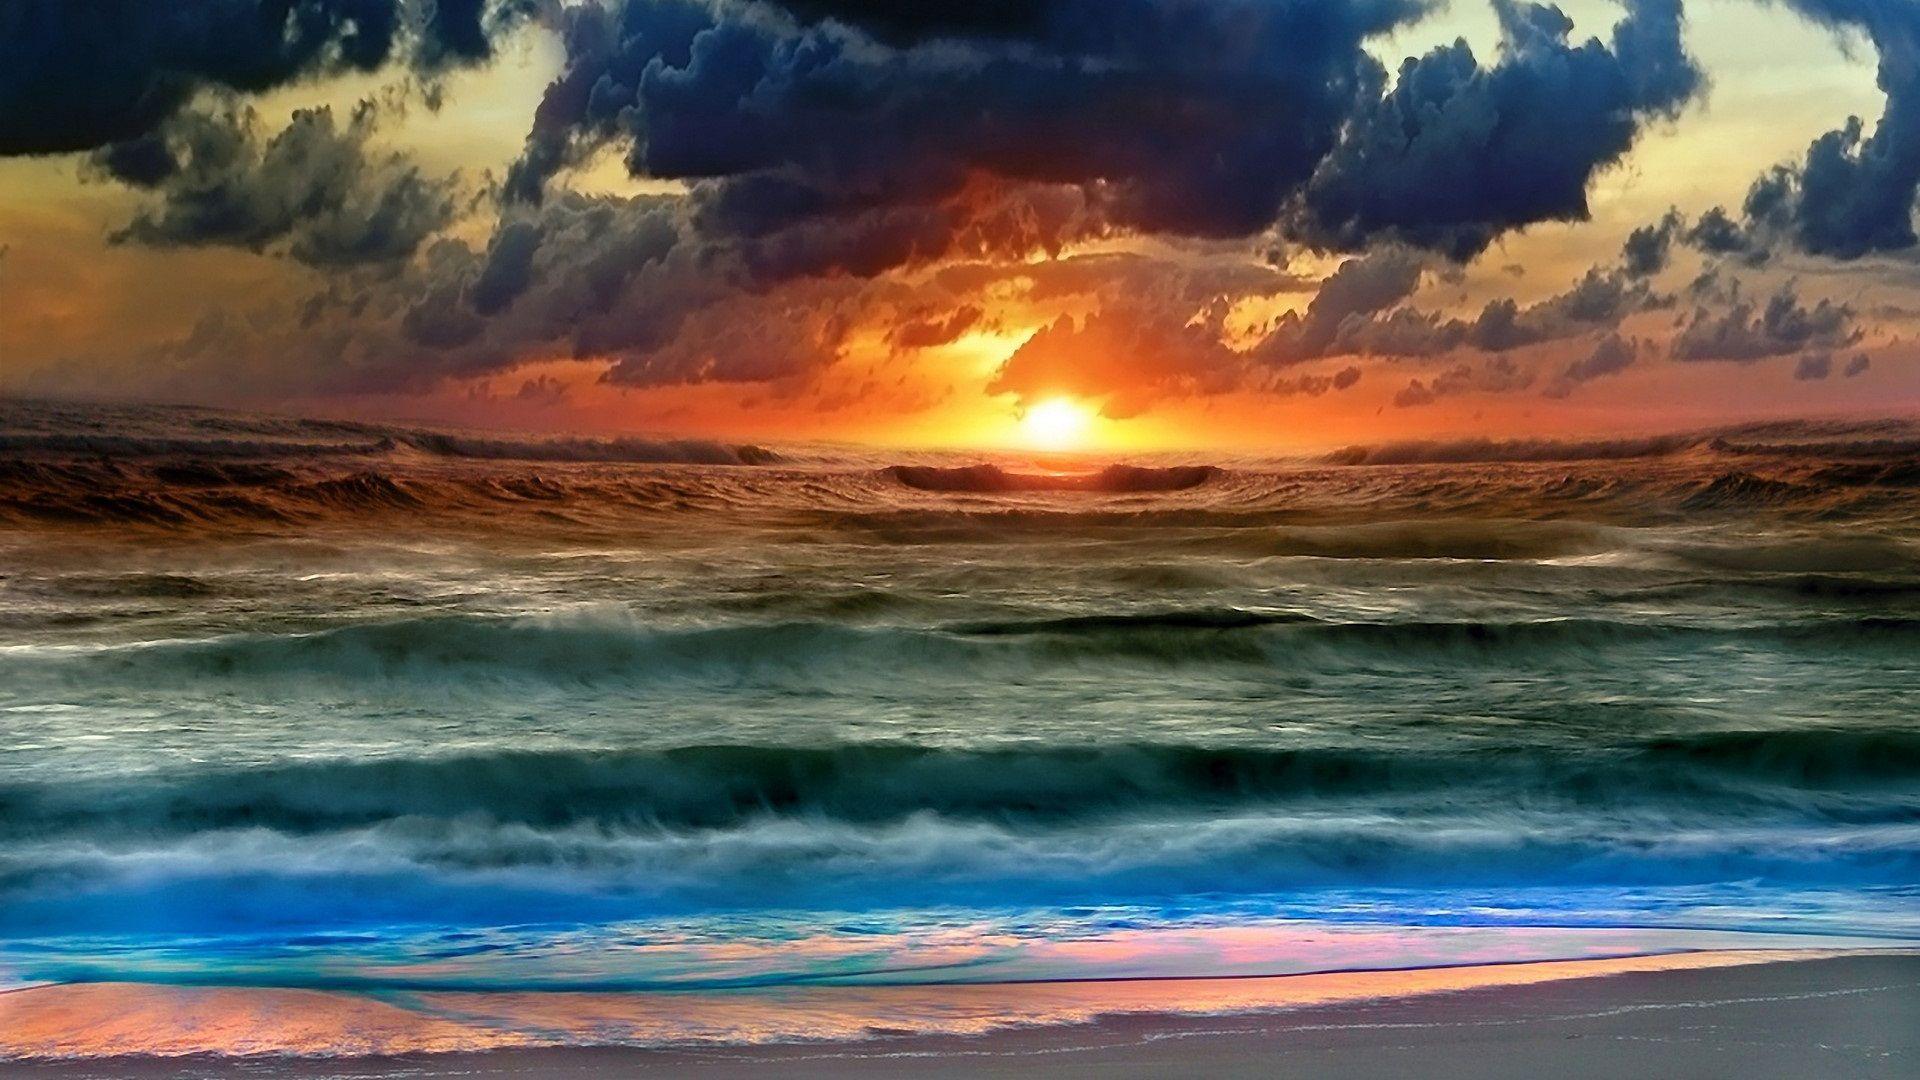 Sunset At Sea Beau Coucher De Soleil Papier Peint Coucher De Soleil Coucher De Soleil